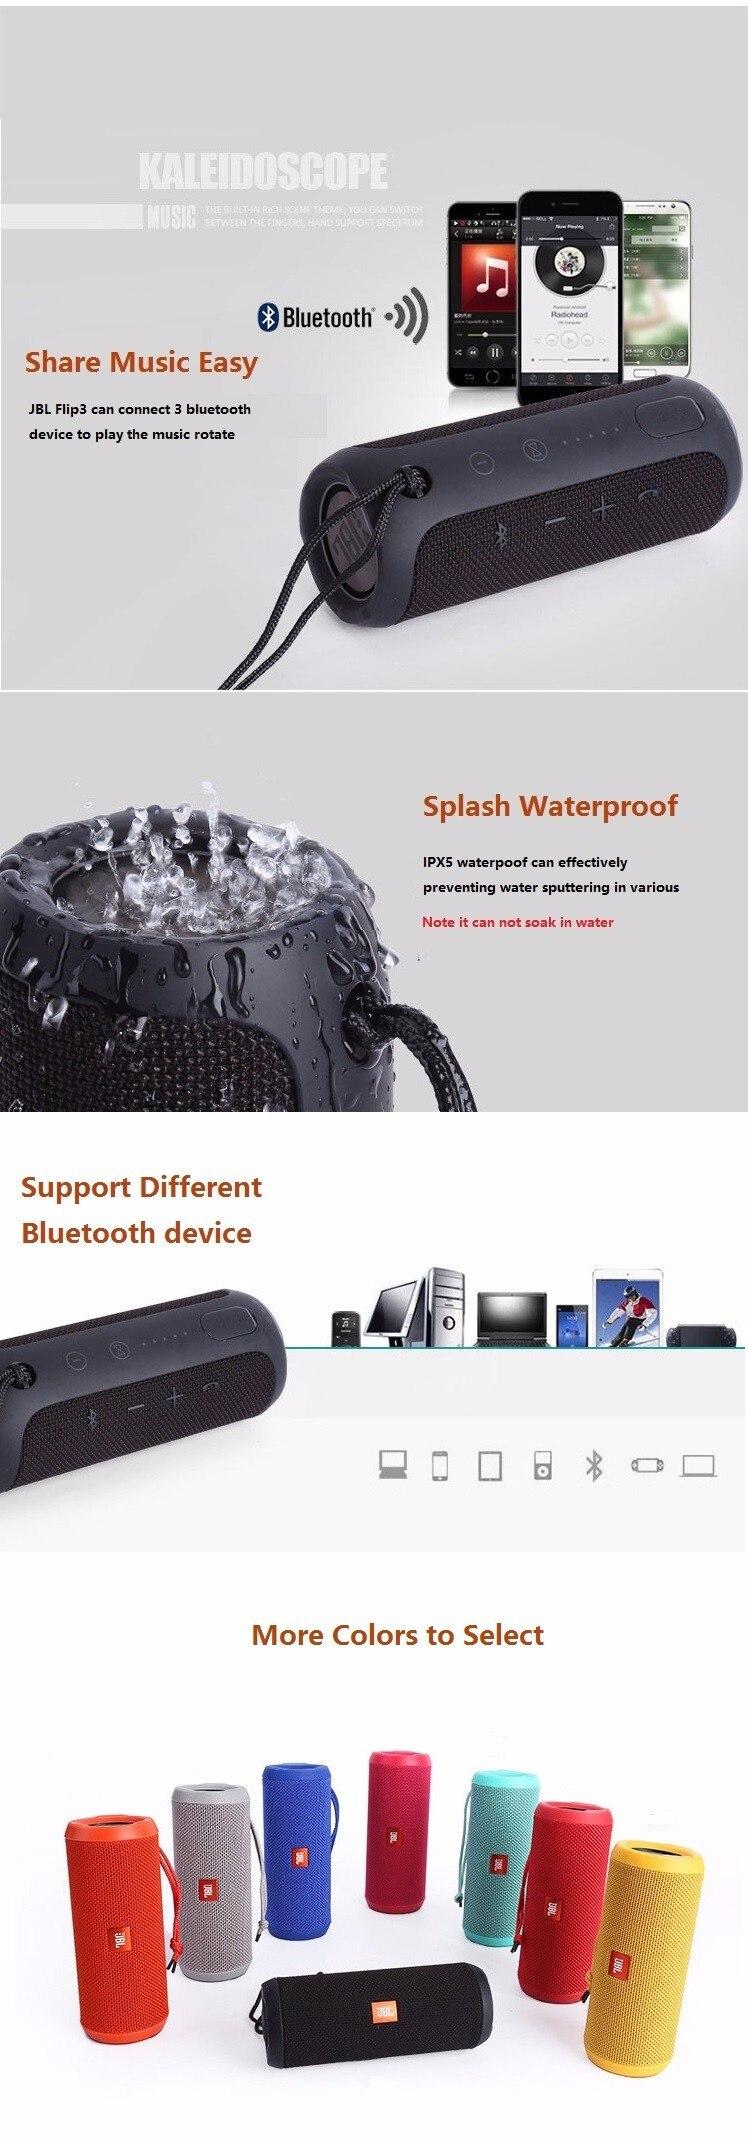 JBL FLIP 3 Wireless portable speaker 3